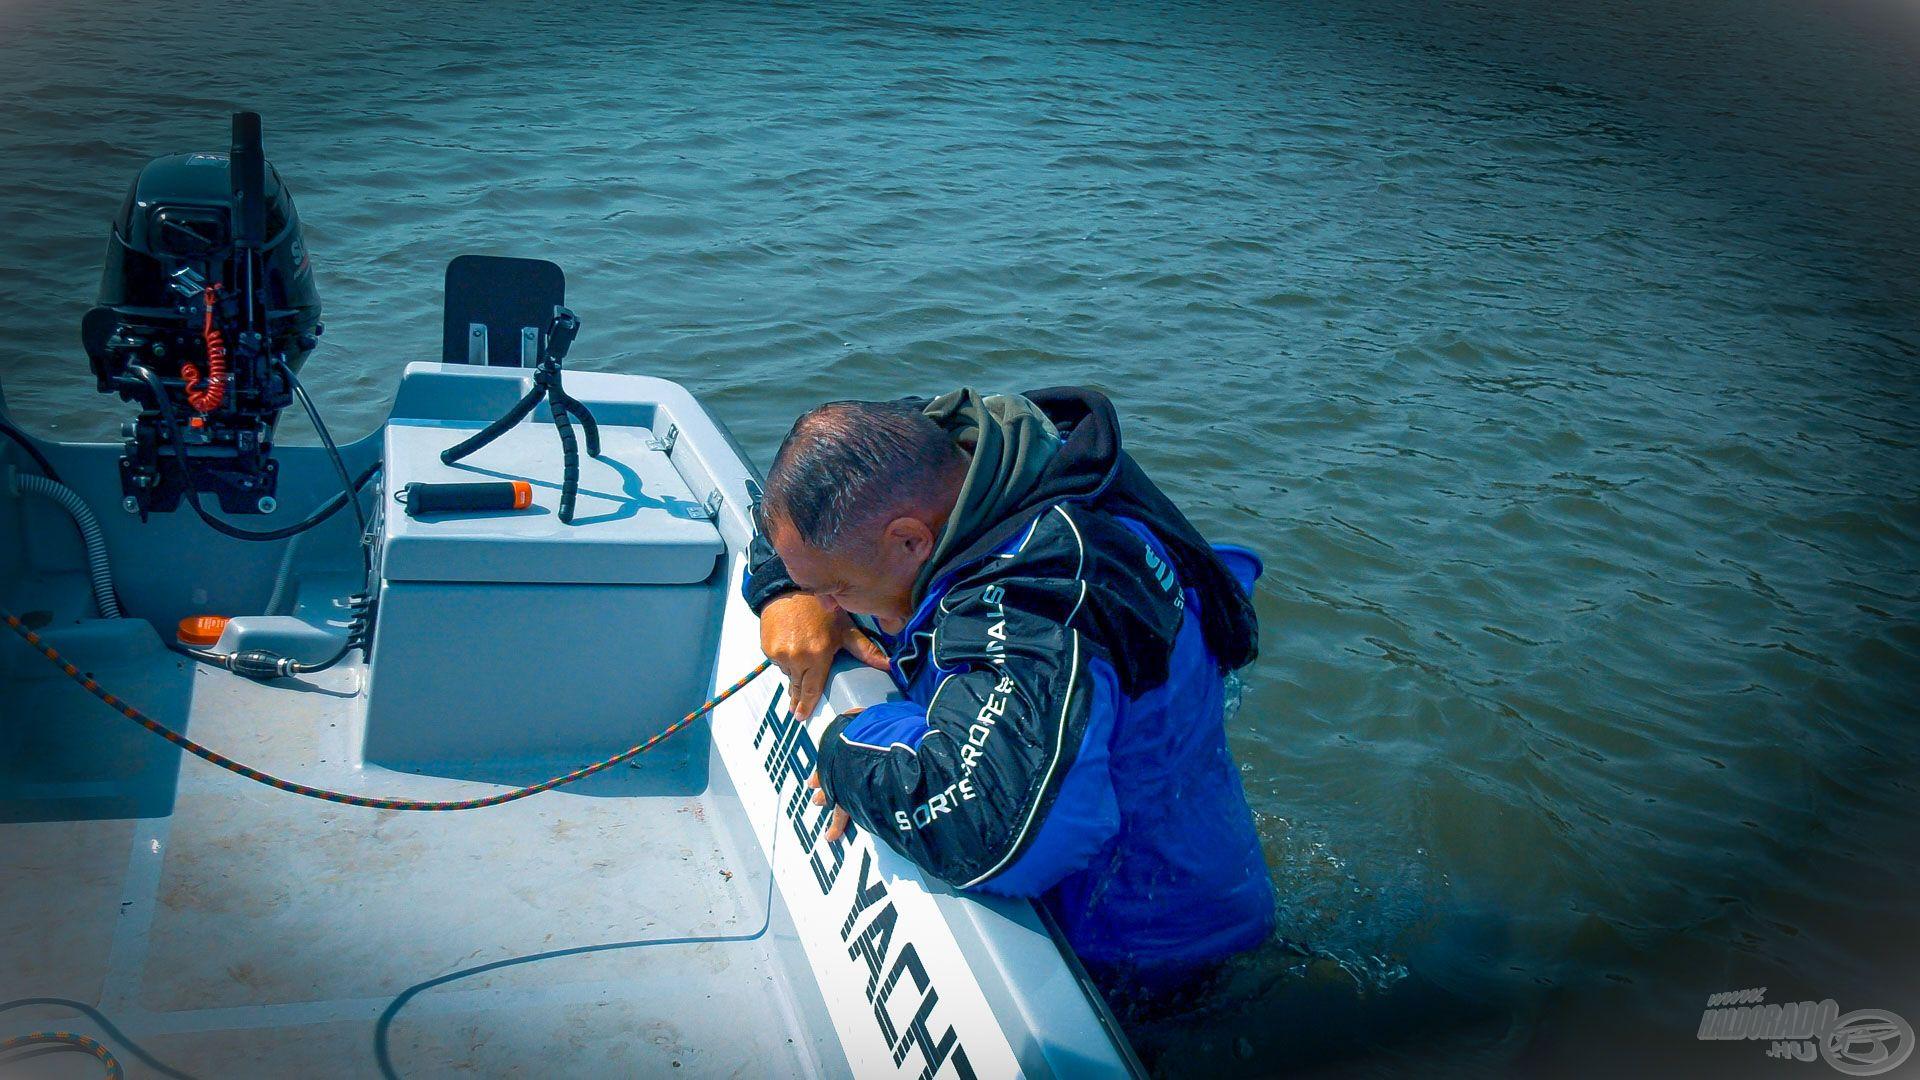 A csónakhoz érve jön a neheze, vissza kellene mászni